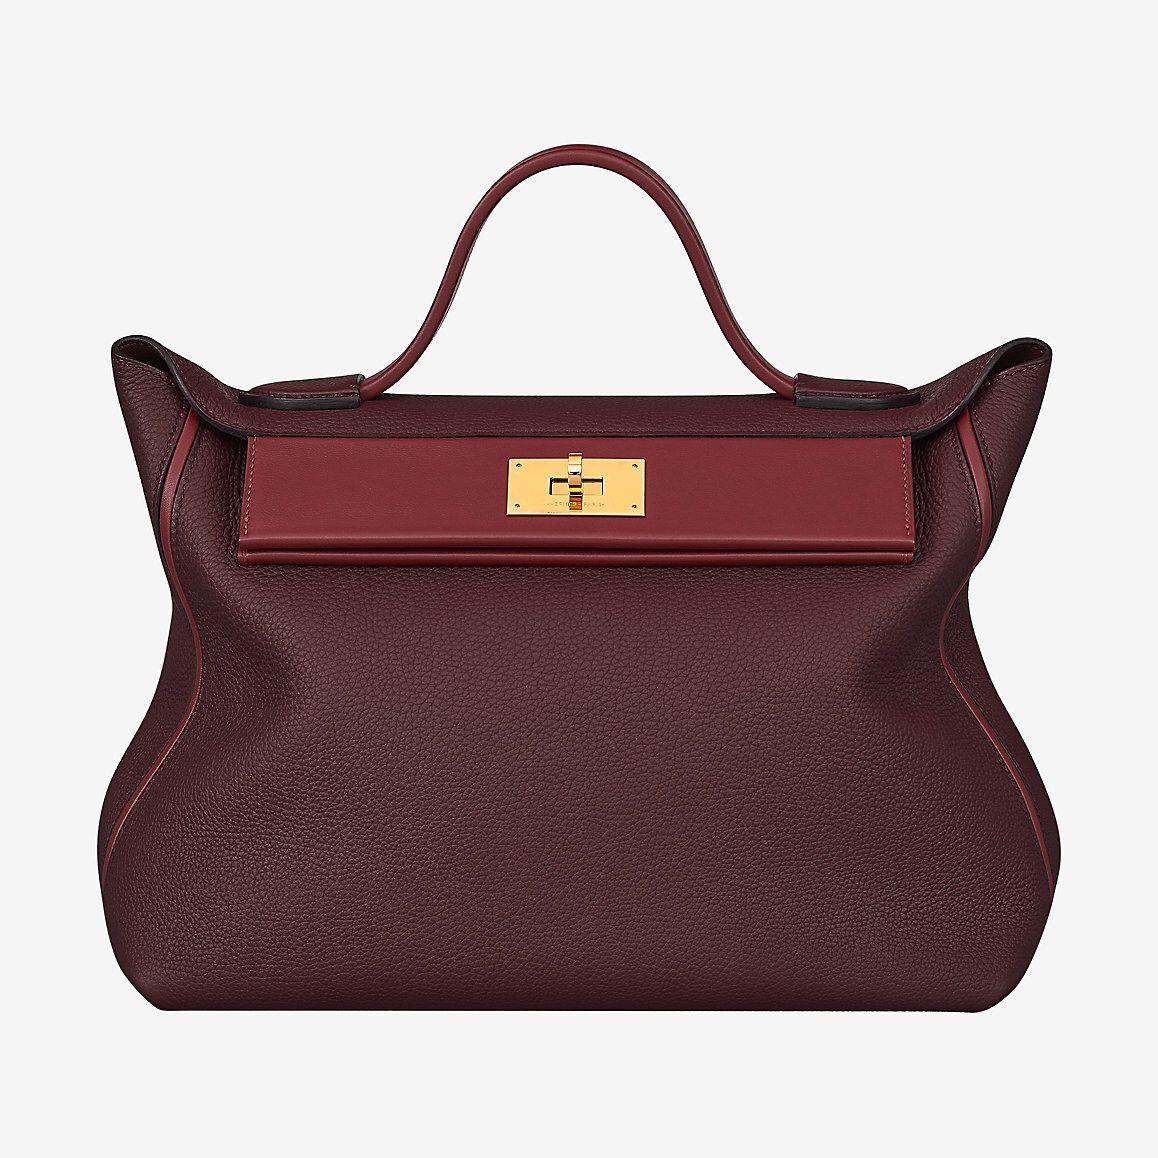 9223faafef2 Hermès 2424 Bordeaux  2424  hermes  bags  new